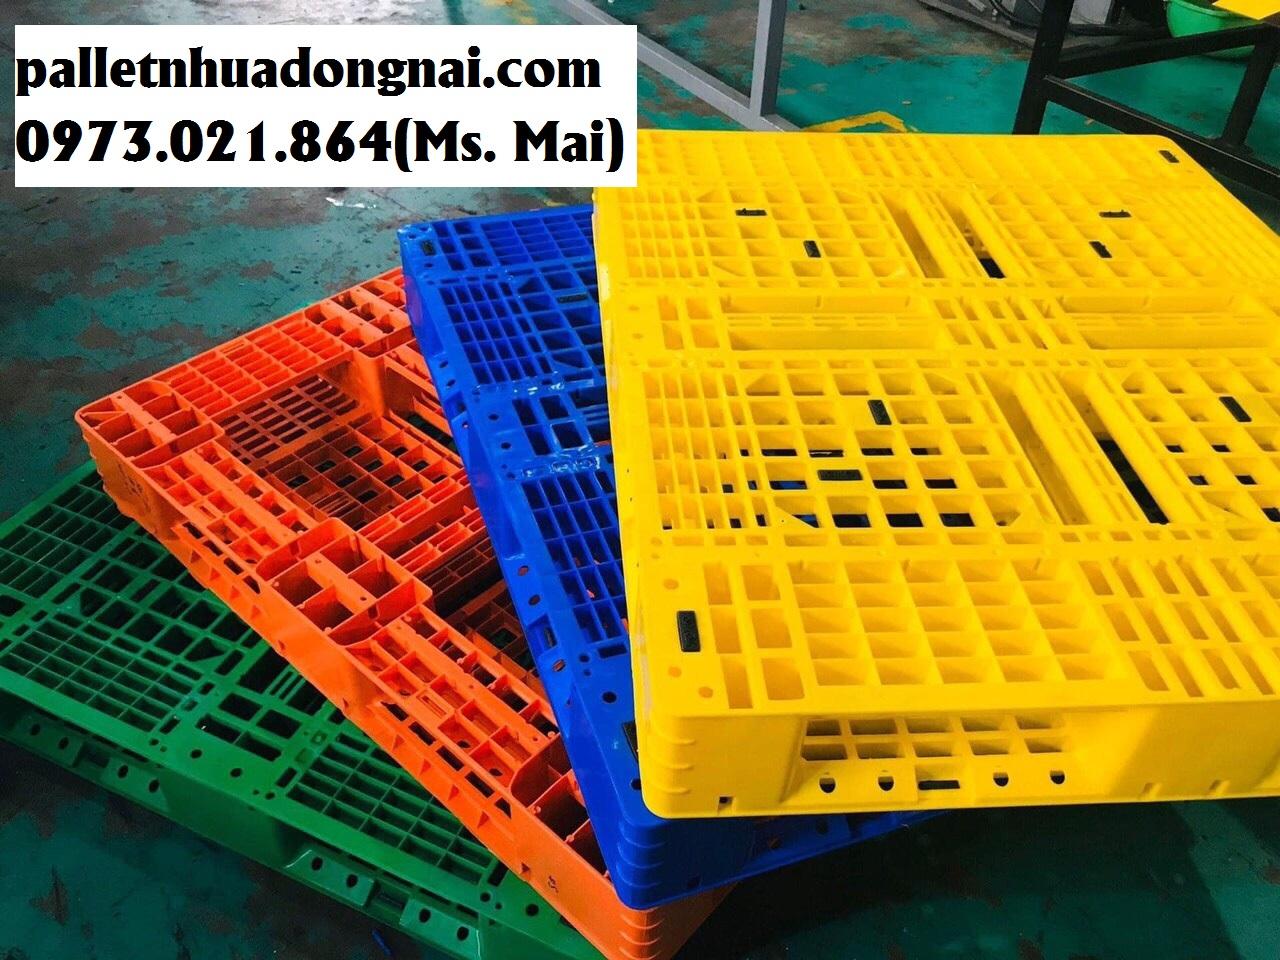 Bán pallet nhựa tại huyện Bình Chánh